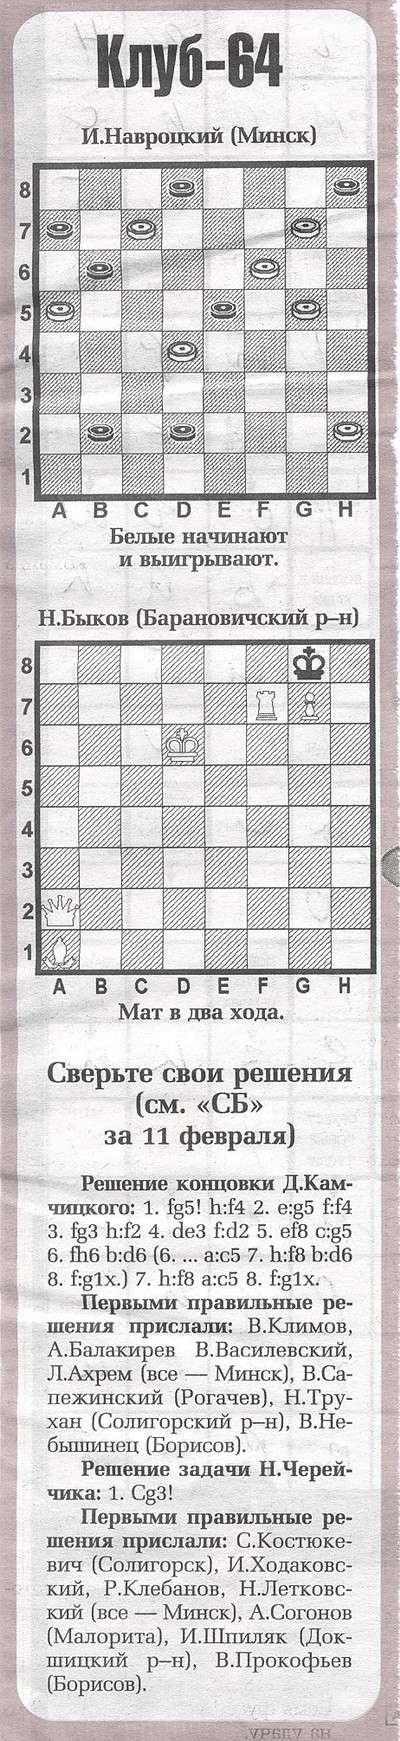 Беларусь сегодня (Минск) 11022510